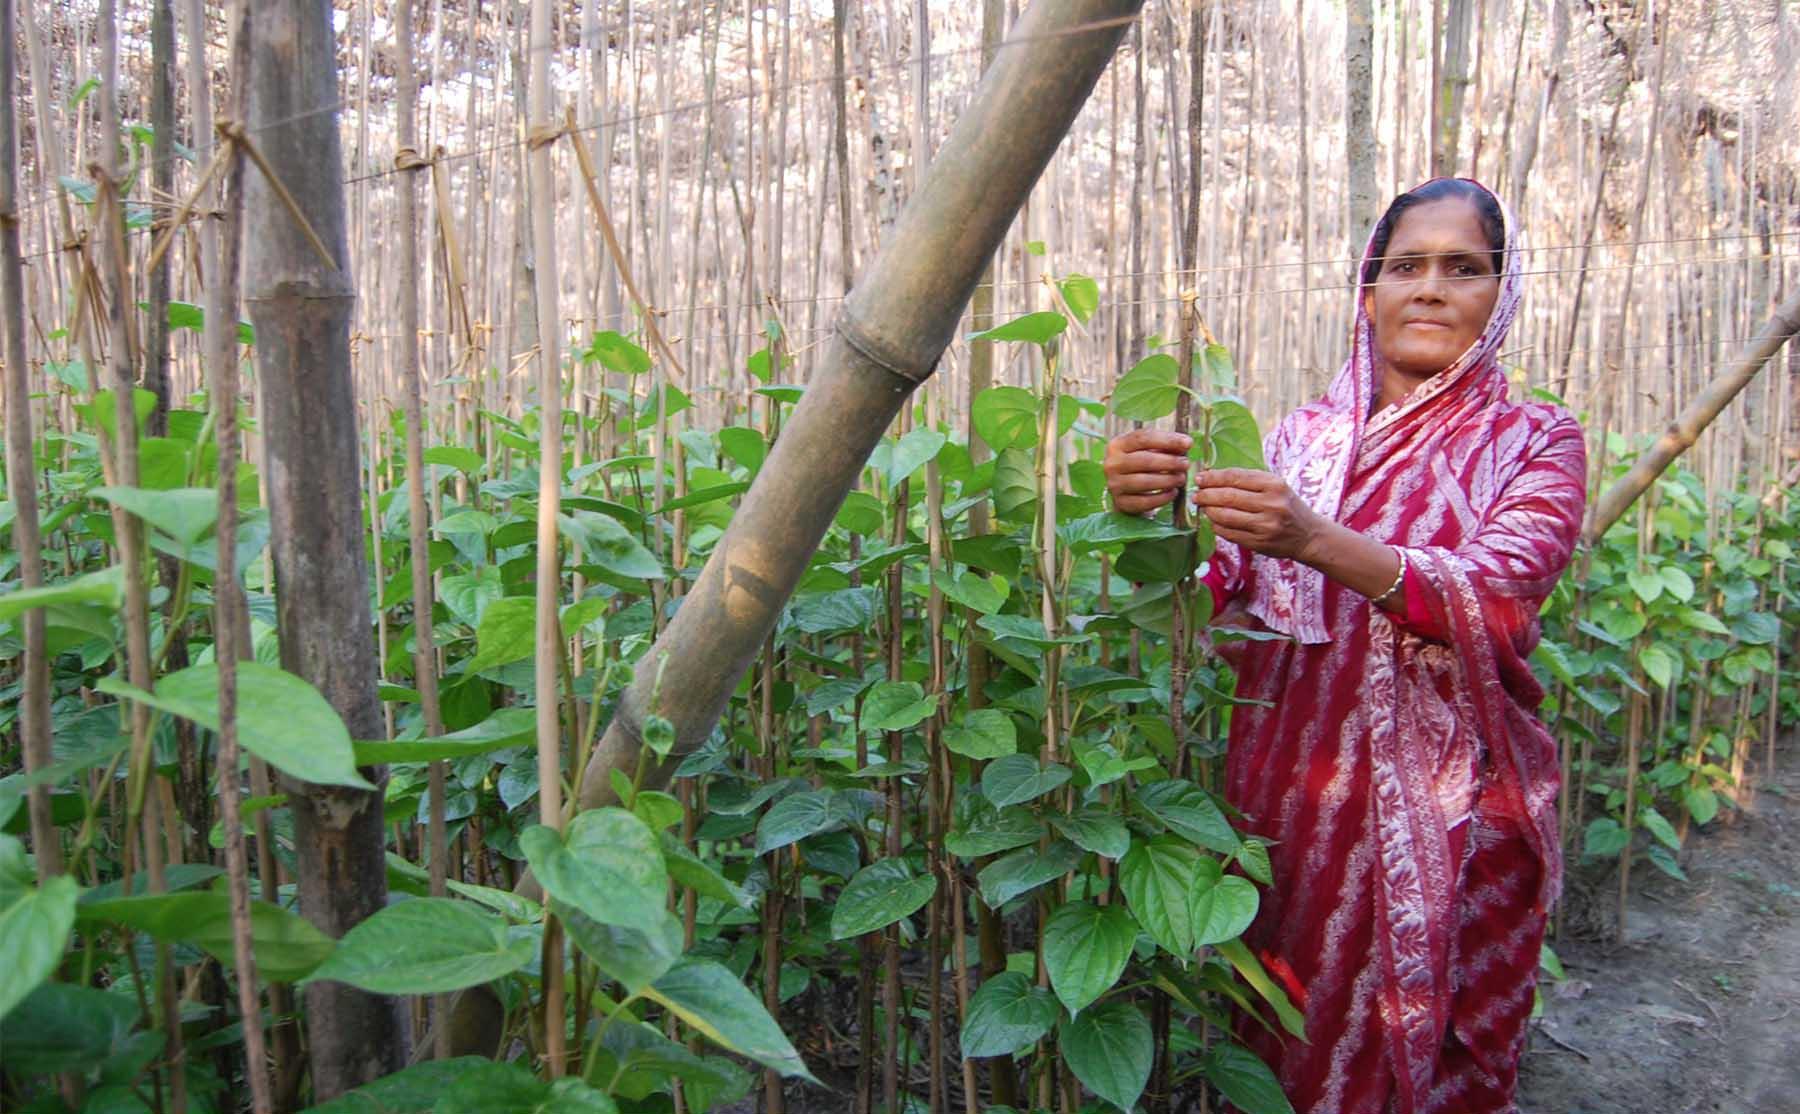 Betel Leaf Cultivation, Sokiron, Horishpur Lalon Sha School Para W.S. Horinakundu, Jhenaidah